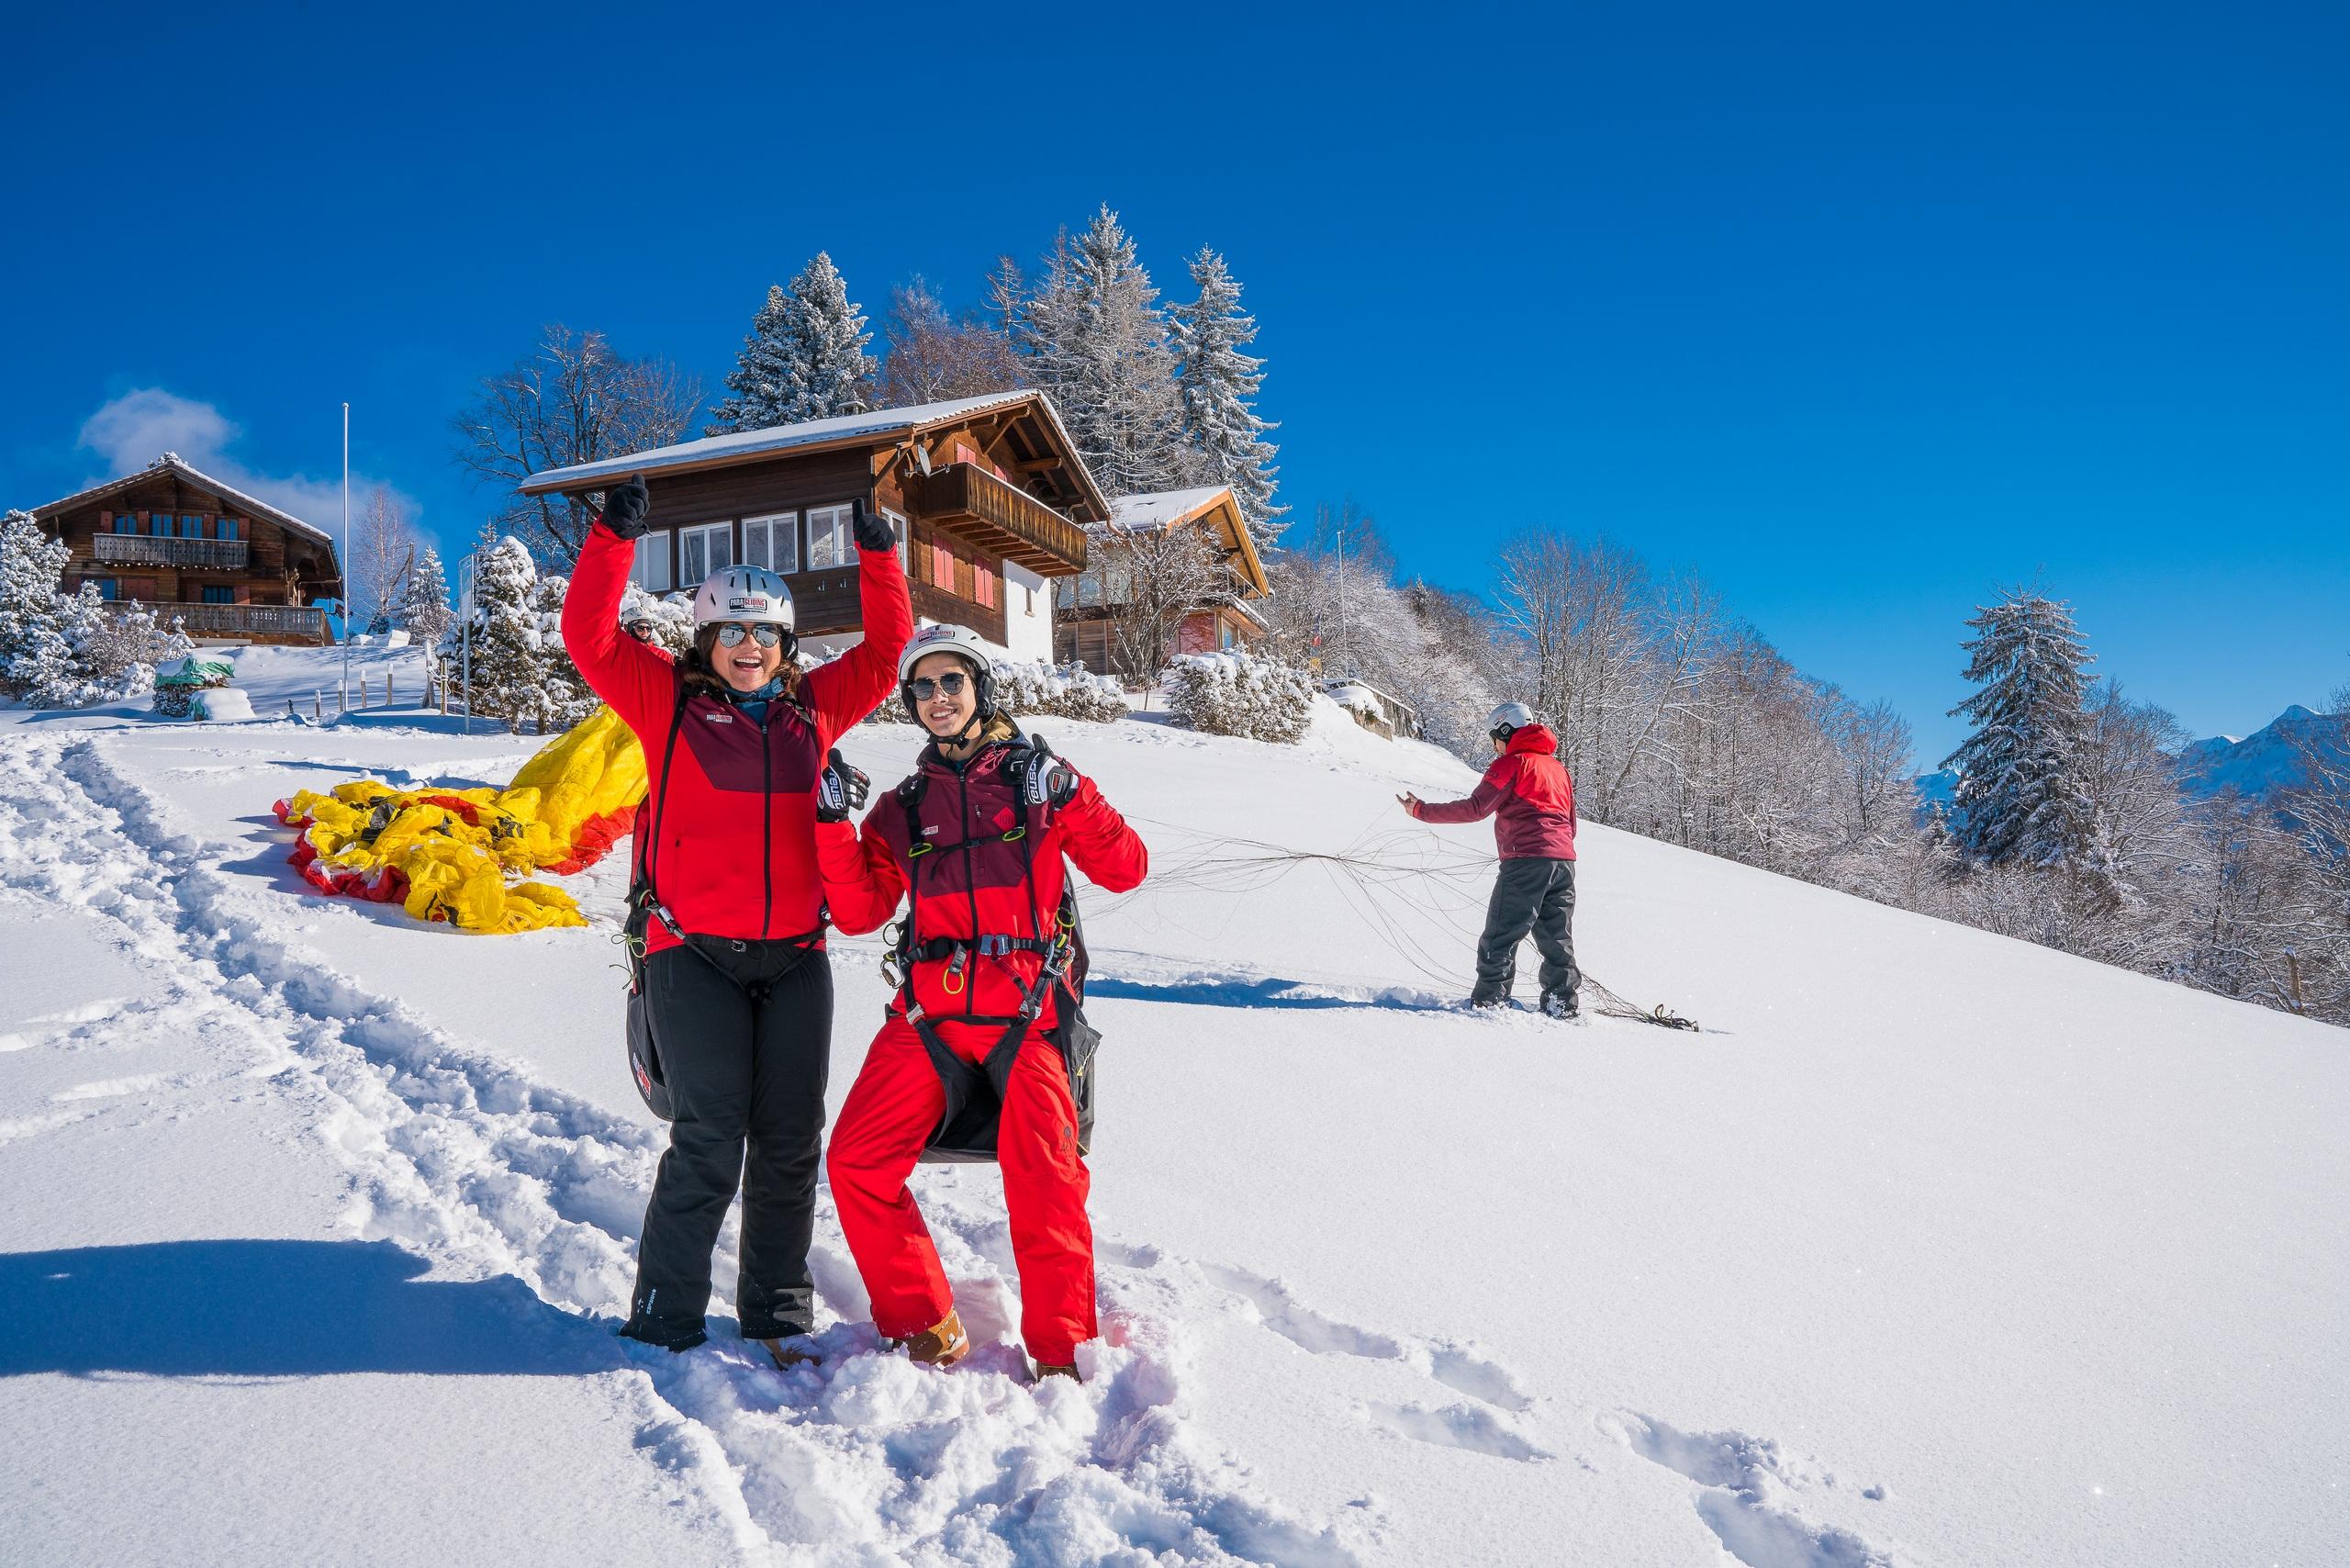 paragliding-interlaken-winter-schnee-sonnenschein